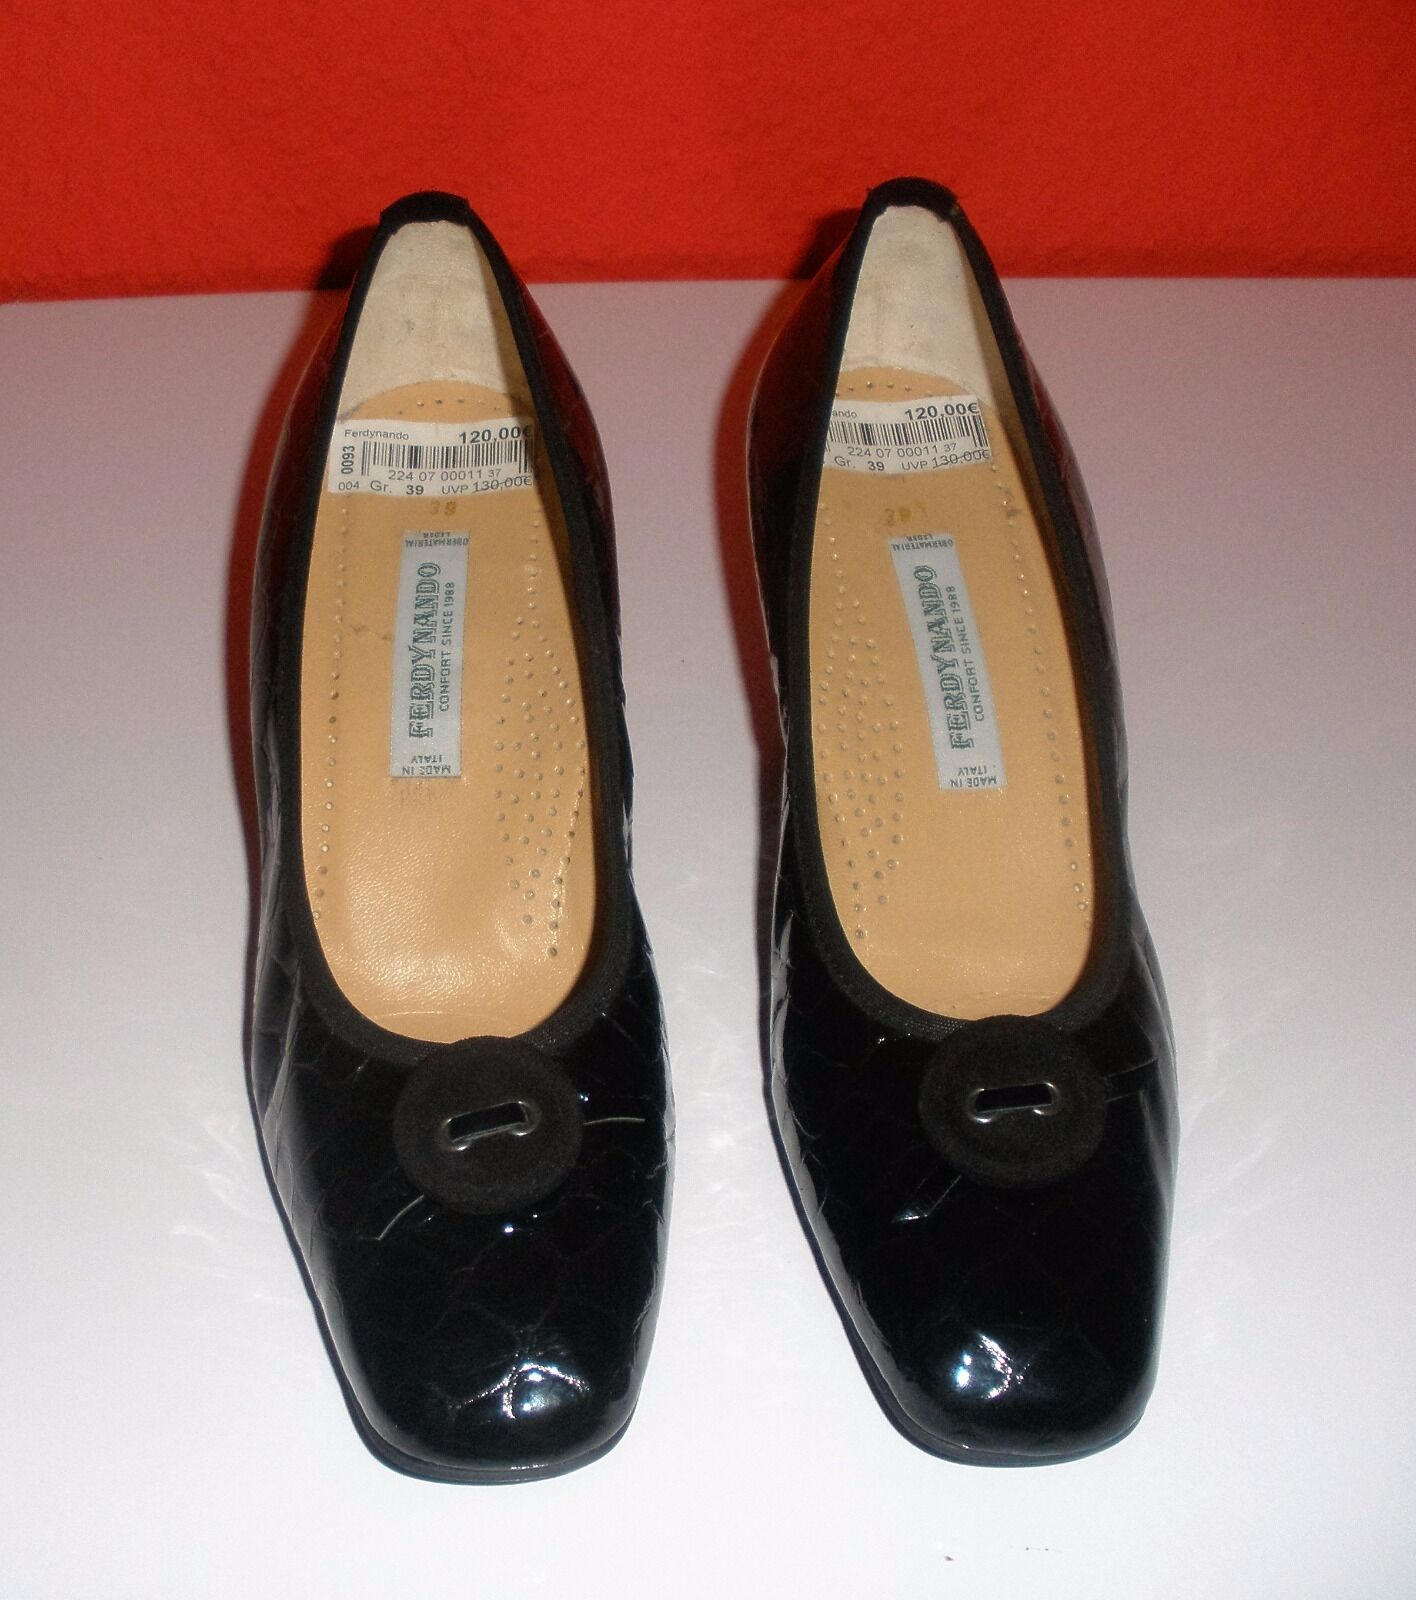 Damenschuhe von Ferdynando 39 Größe 39 schwarz neu 39 Ferdynando Leder Keilabsatz aa19f6